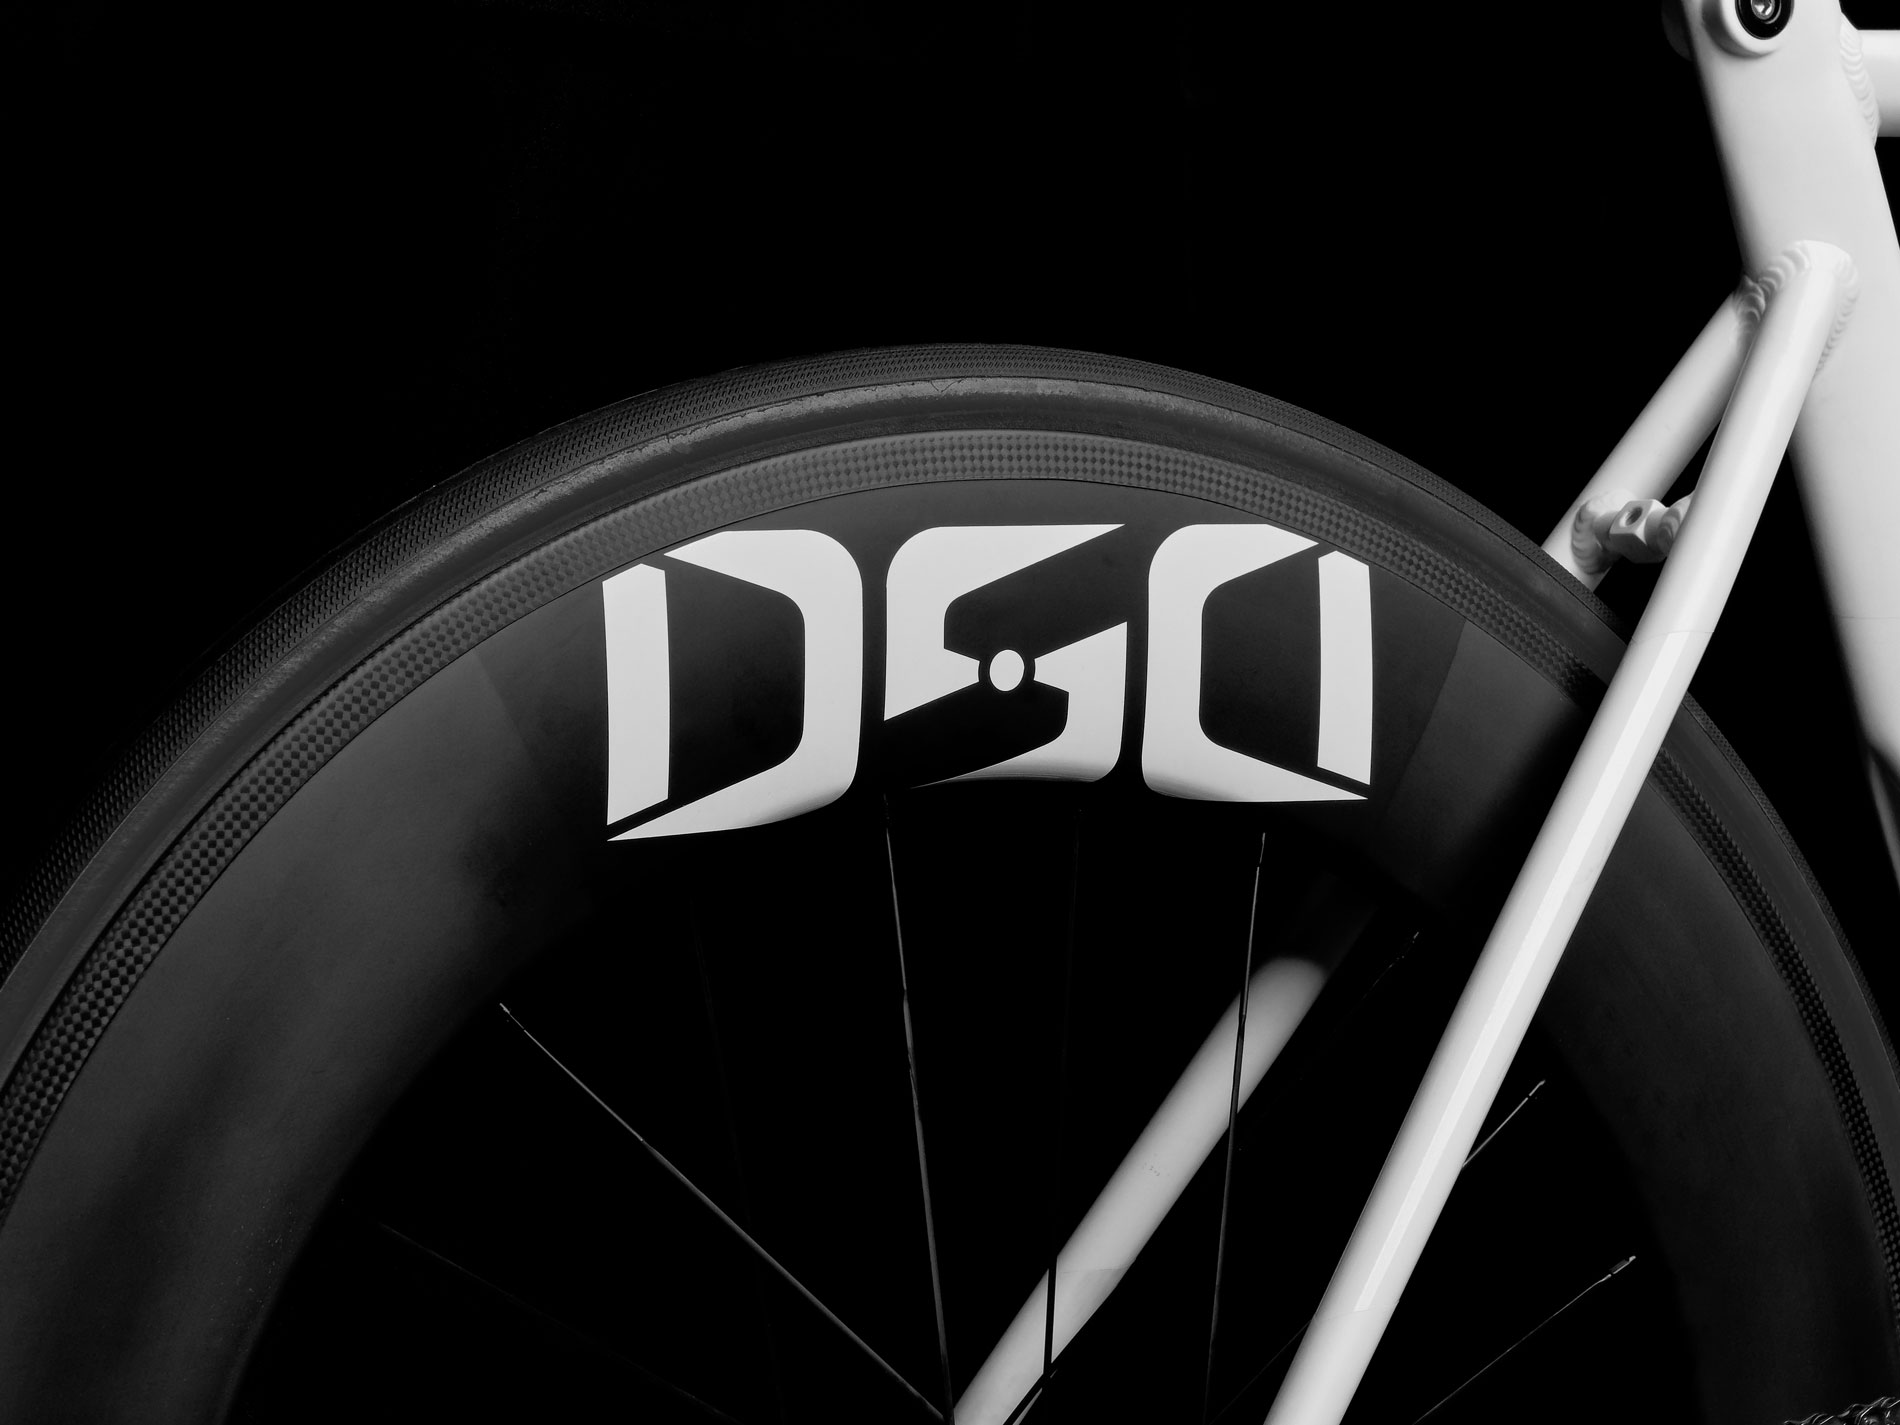 _4130067-Kingdom-DSD-Race-Bike.jpg